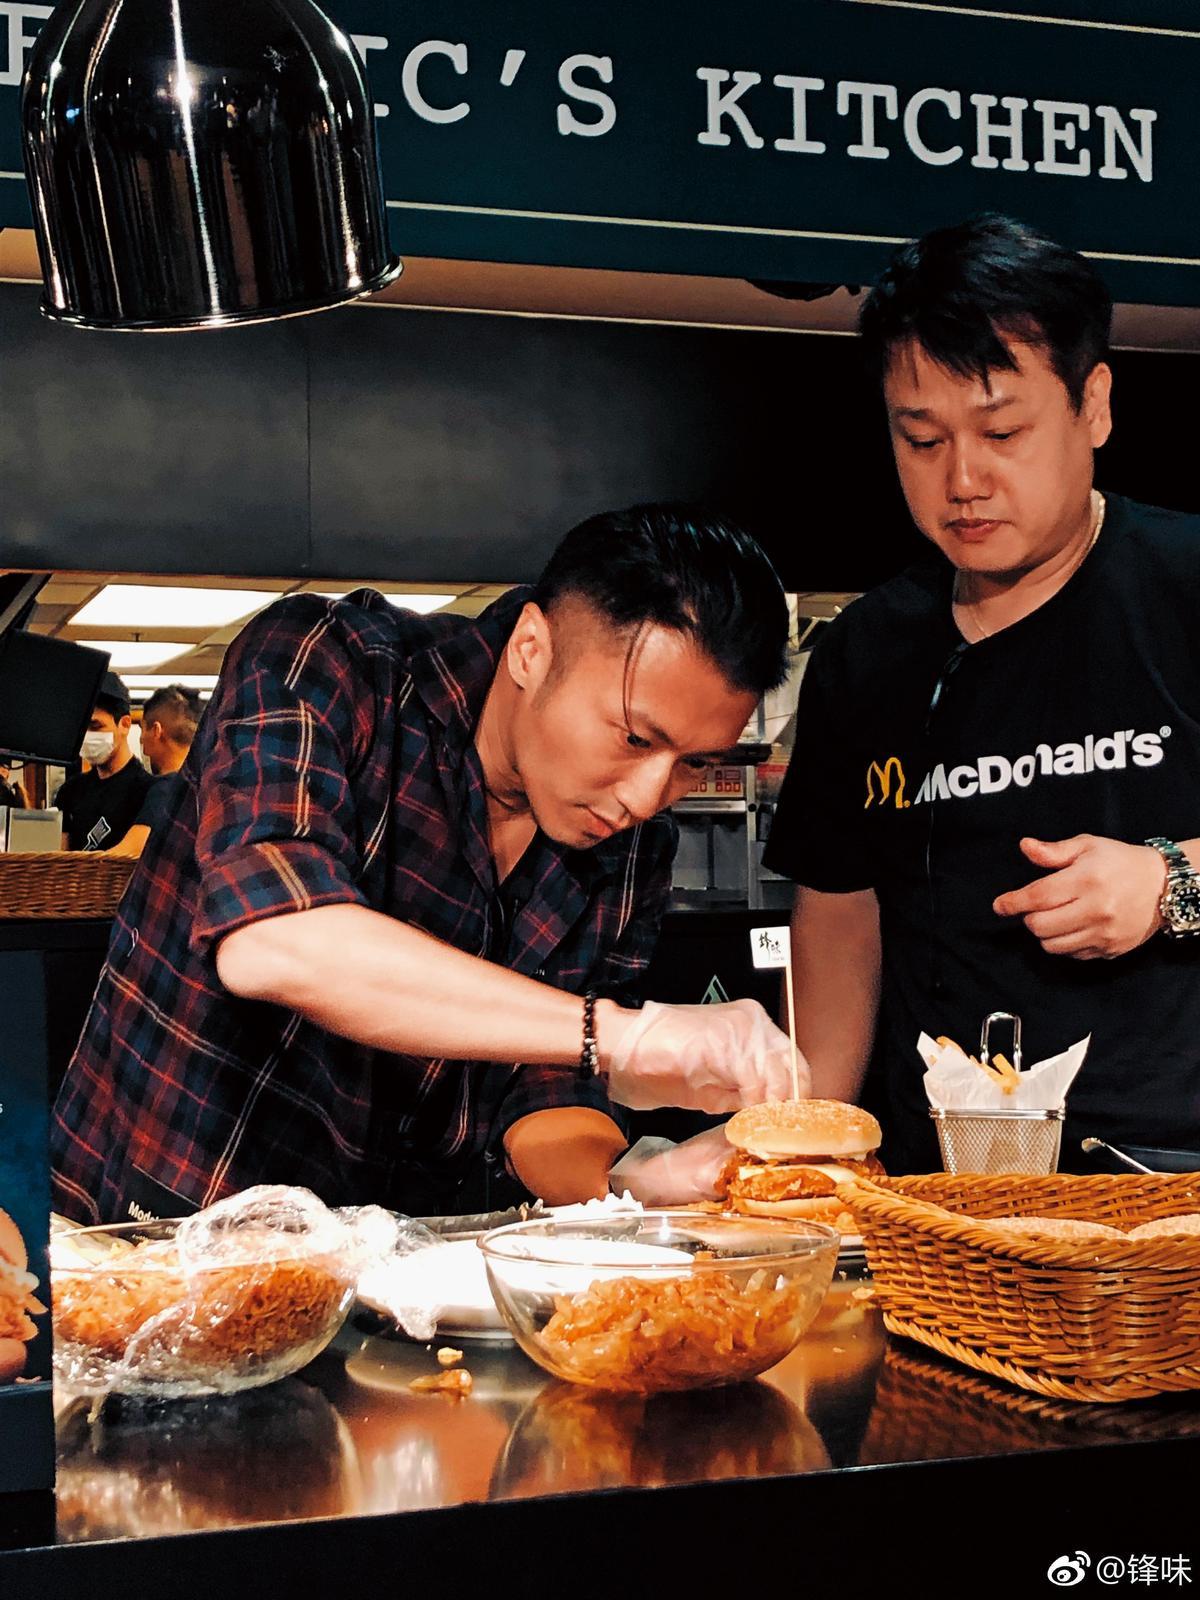 謝霆鋒(左)近年成新一代食神,下廚時模樣帥氣,成為網路話題。(翻攝自謝霆鋒微博)